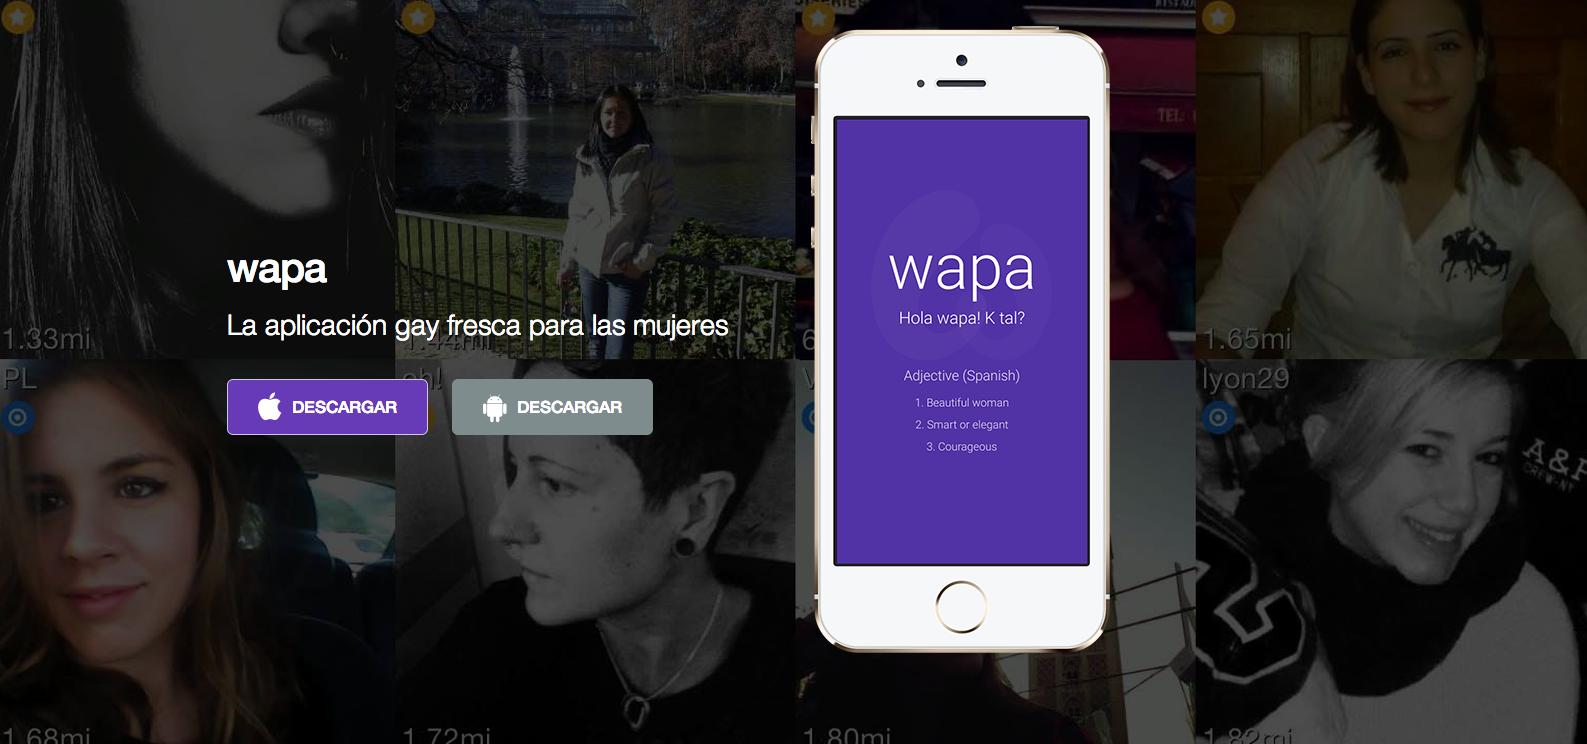 aplicaciones para ligar_wapa